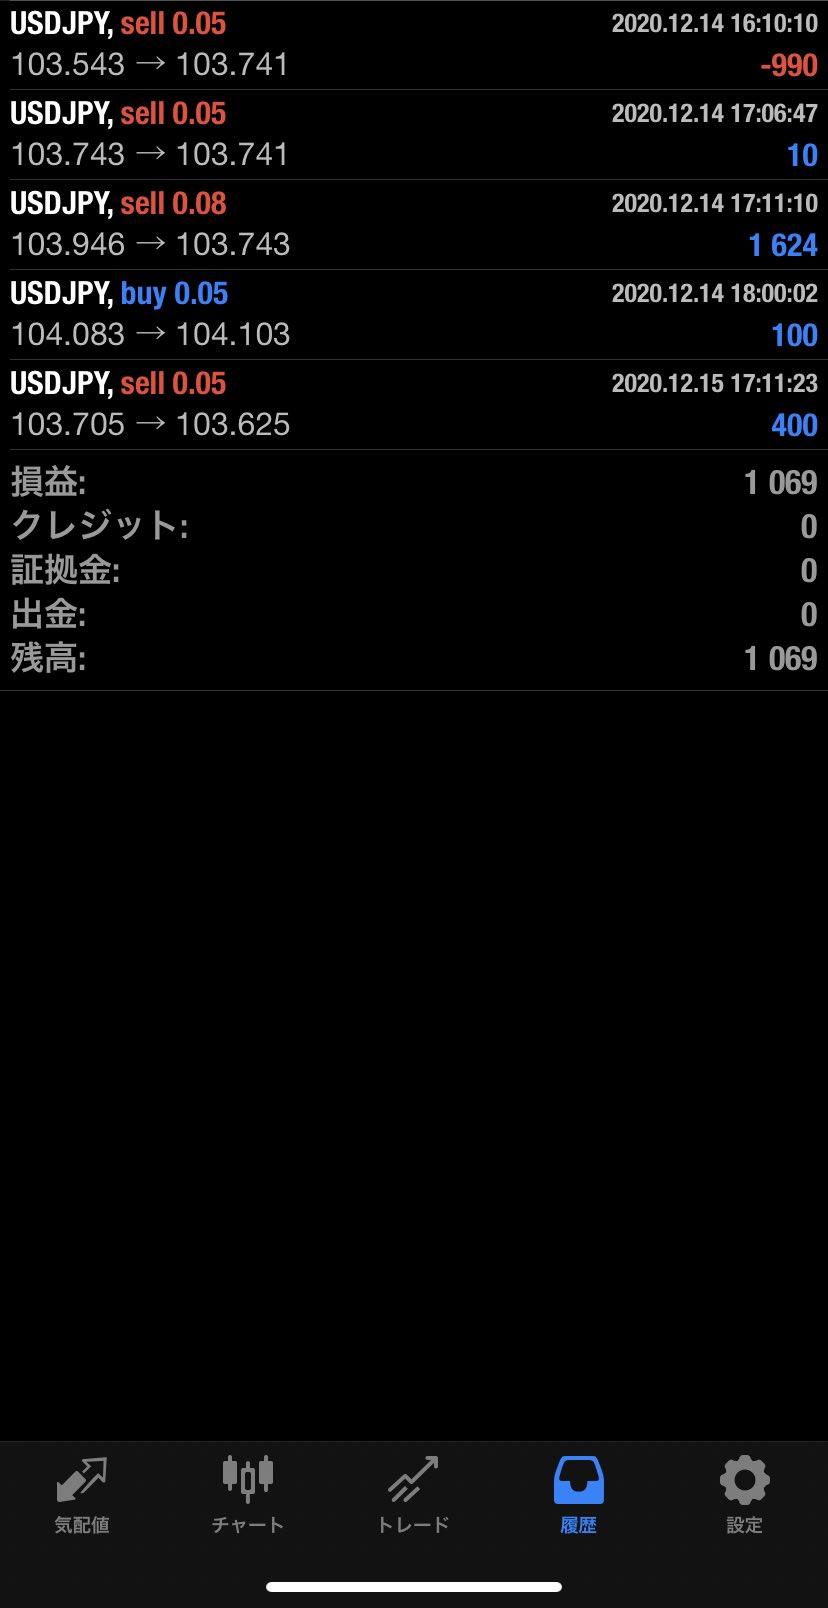 2020年12月15日 USD/JPYバージョン1,069円